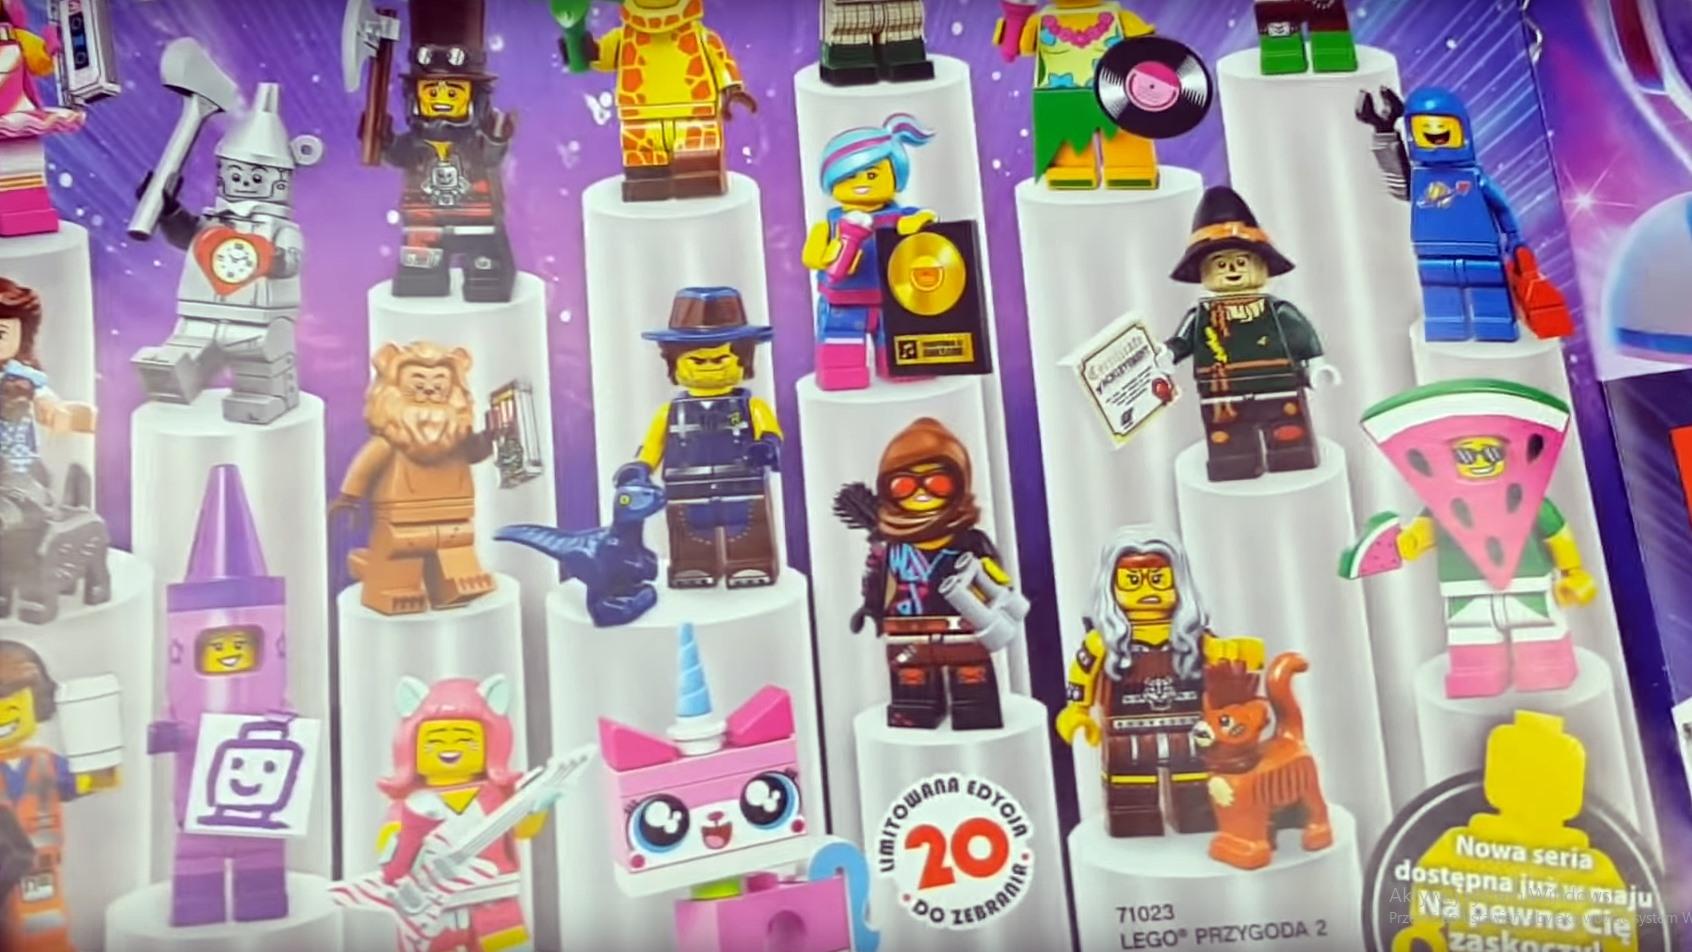 Nadchodzi Nowa Seria Cmf The Lego Movie 2 Figurkowe Ramki